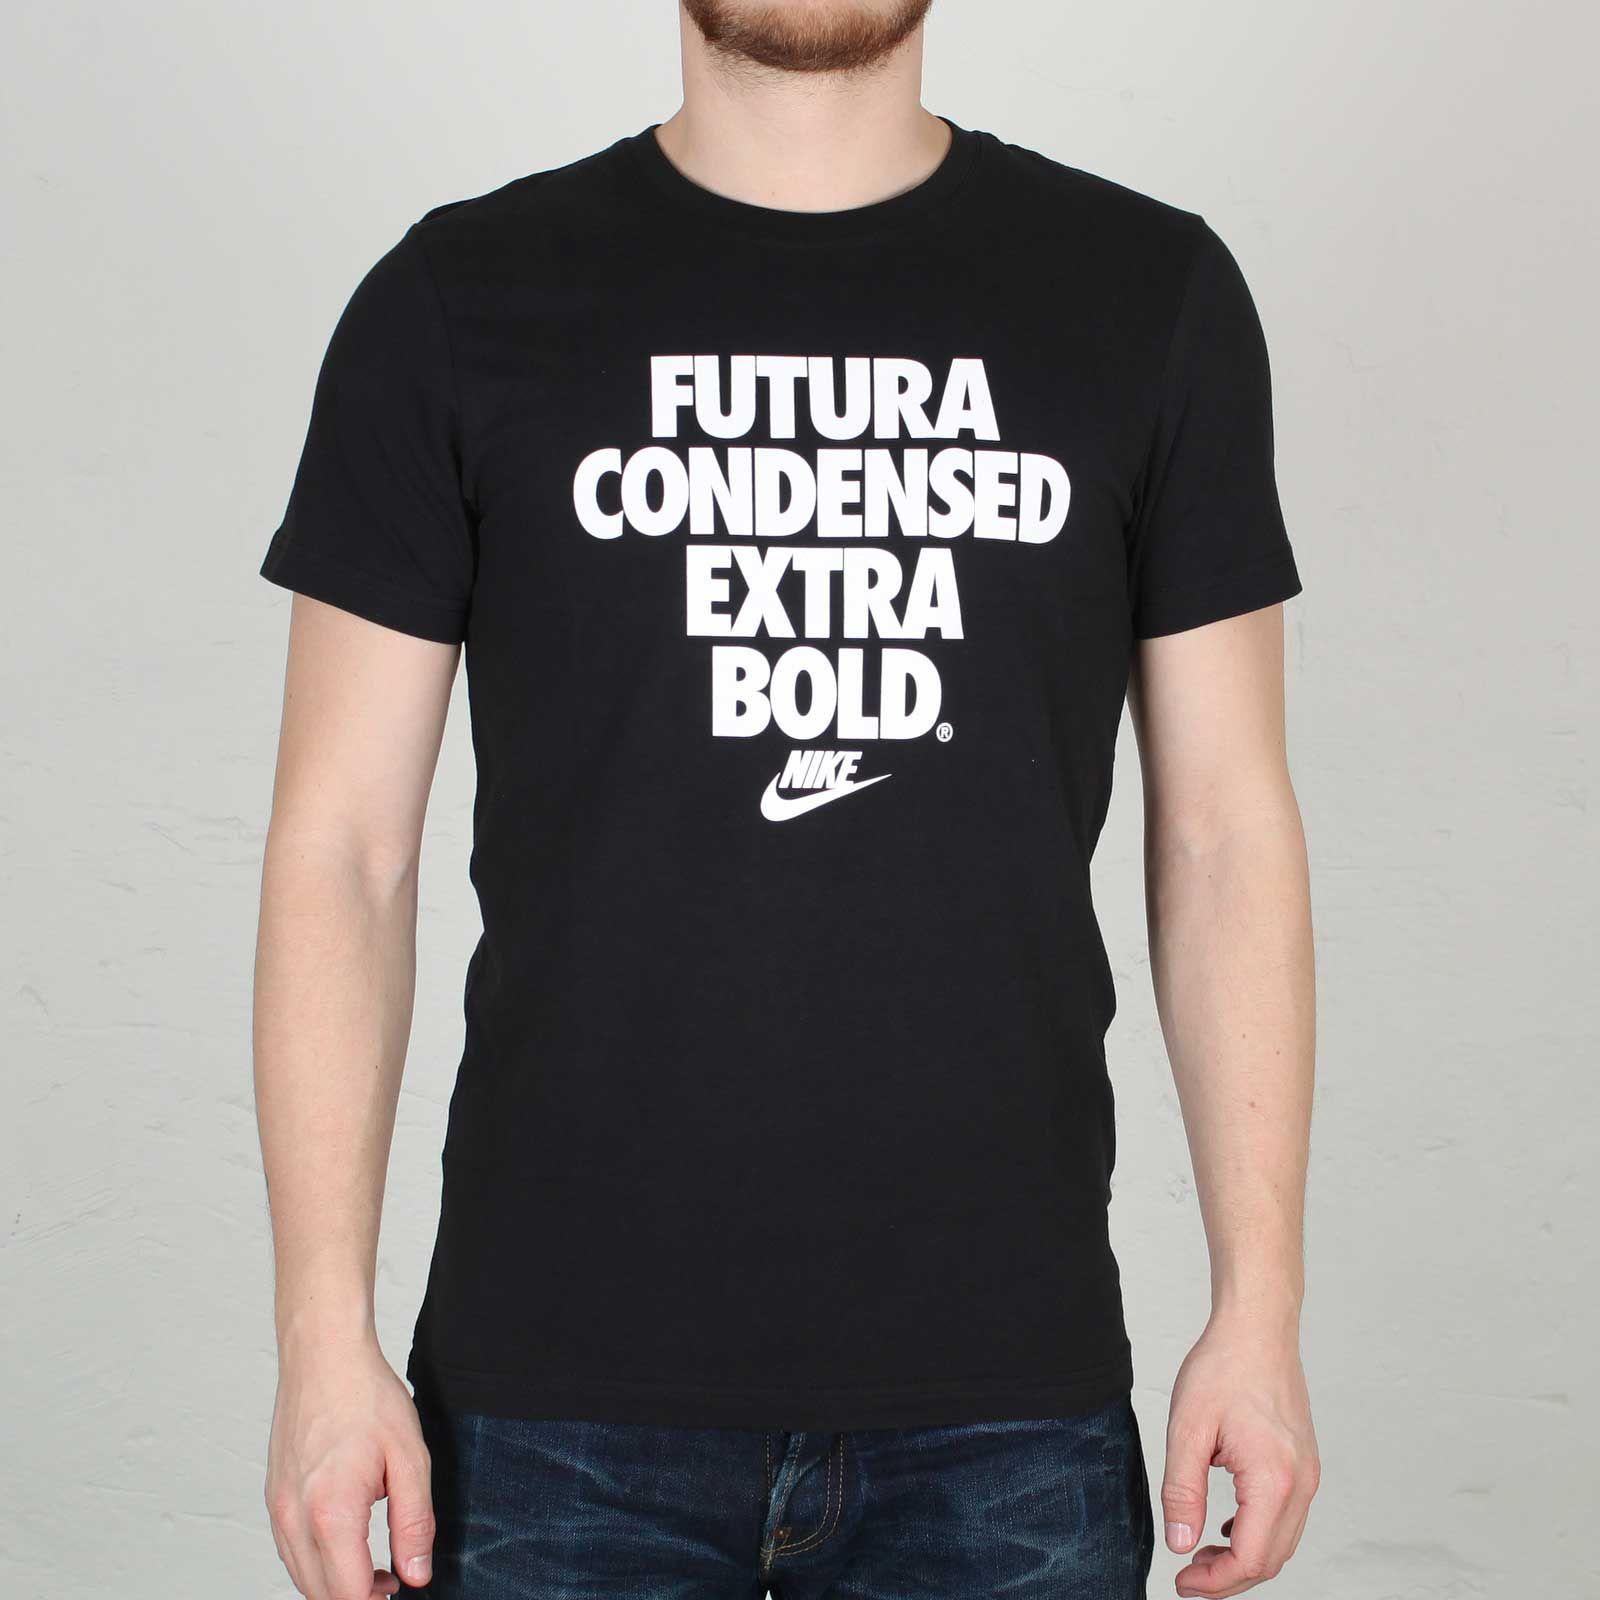 Shirt design fonts - Still Love The Shirt Though